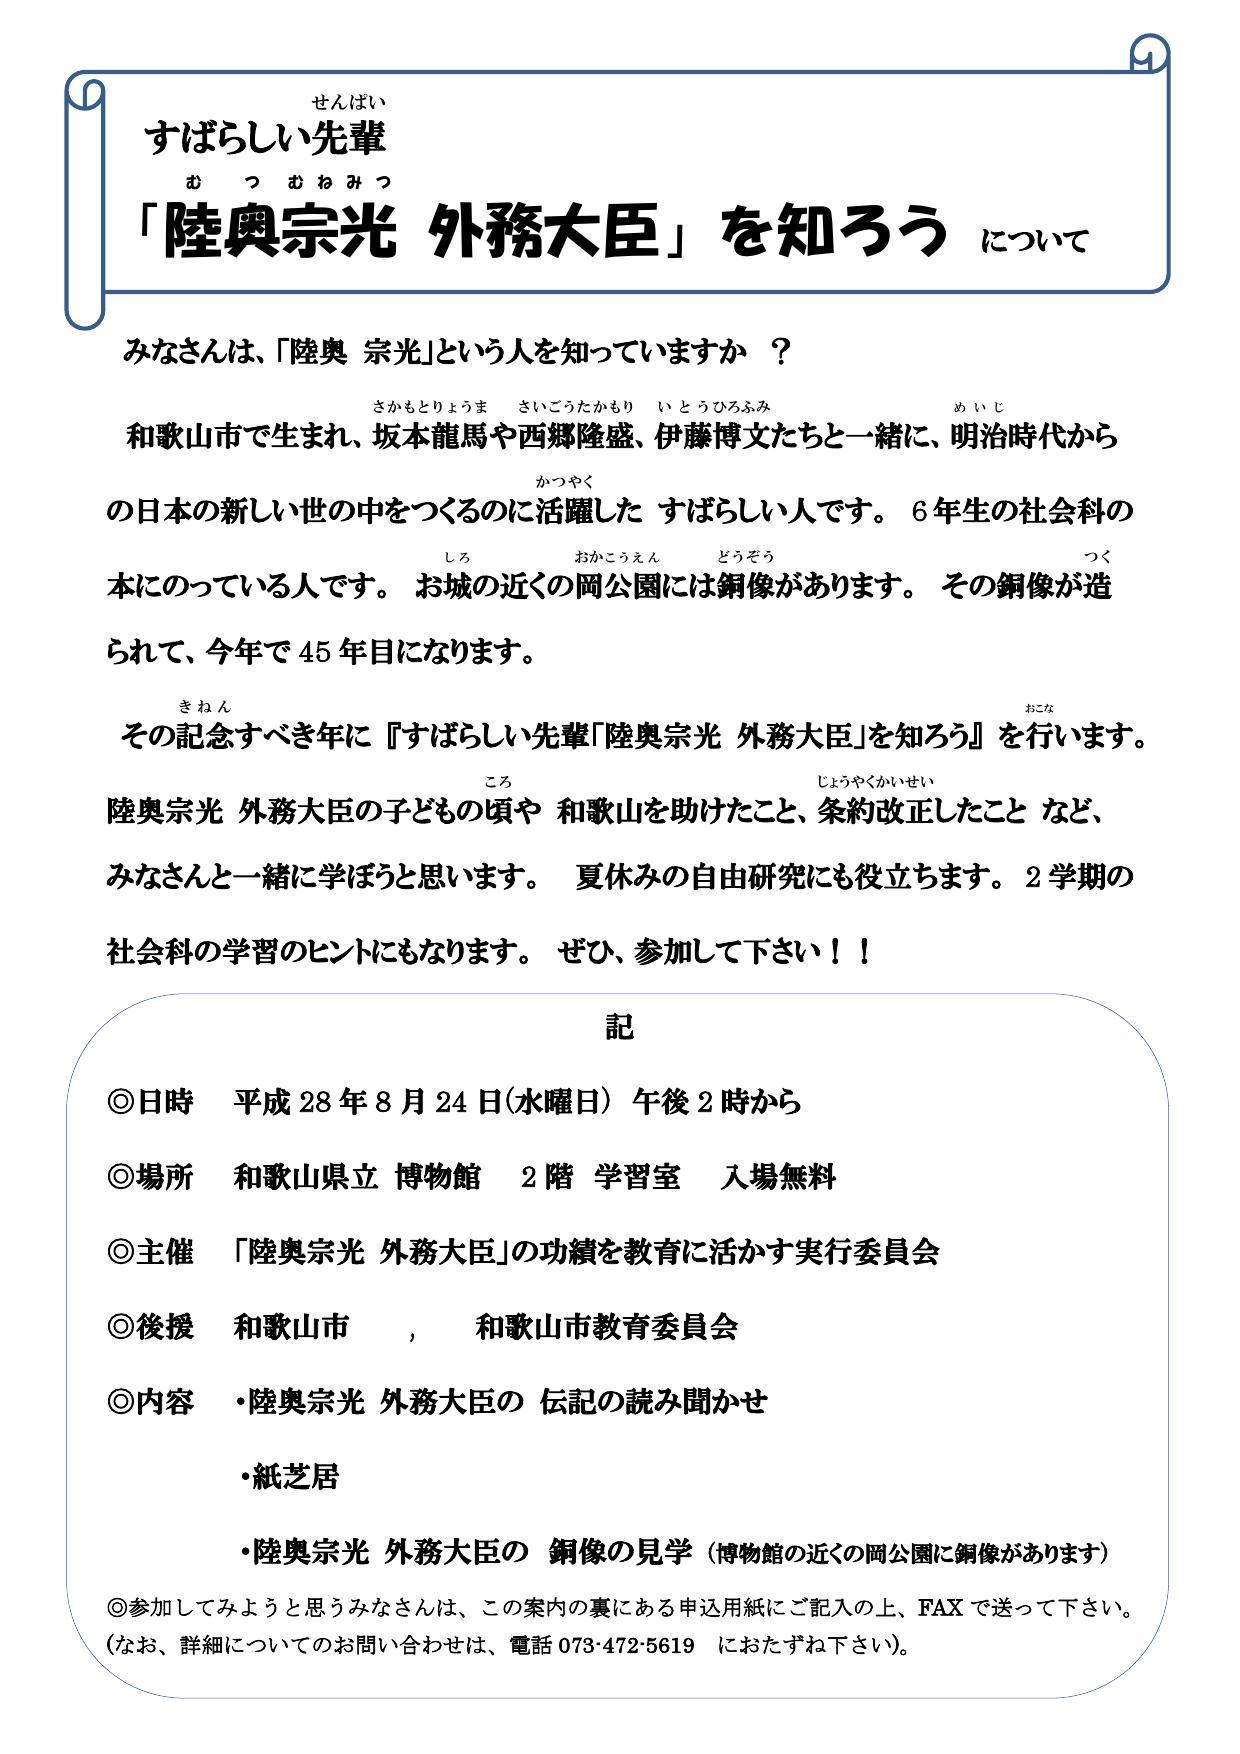 8月24日案内文表